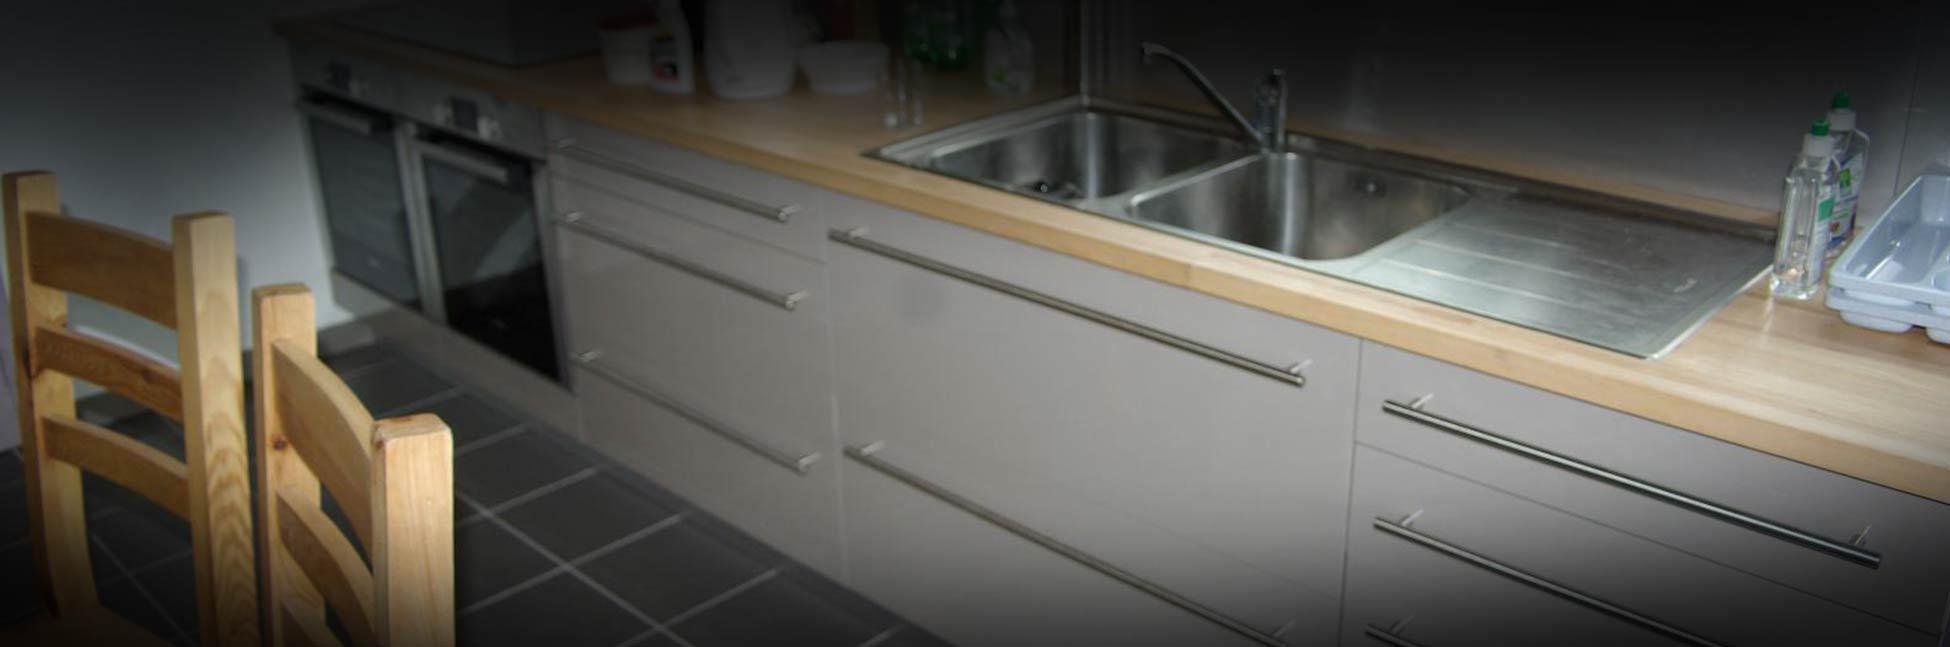 Agencement magasin cuisine et salle de bain en savoie pr s de chamb ry - Magasin cuisine et salle de bain ...